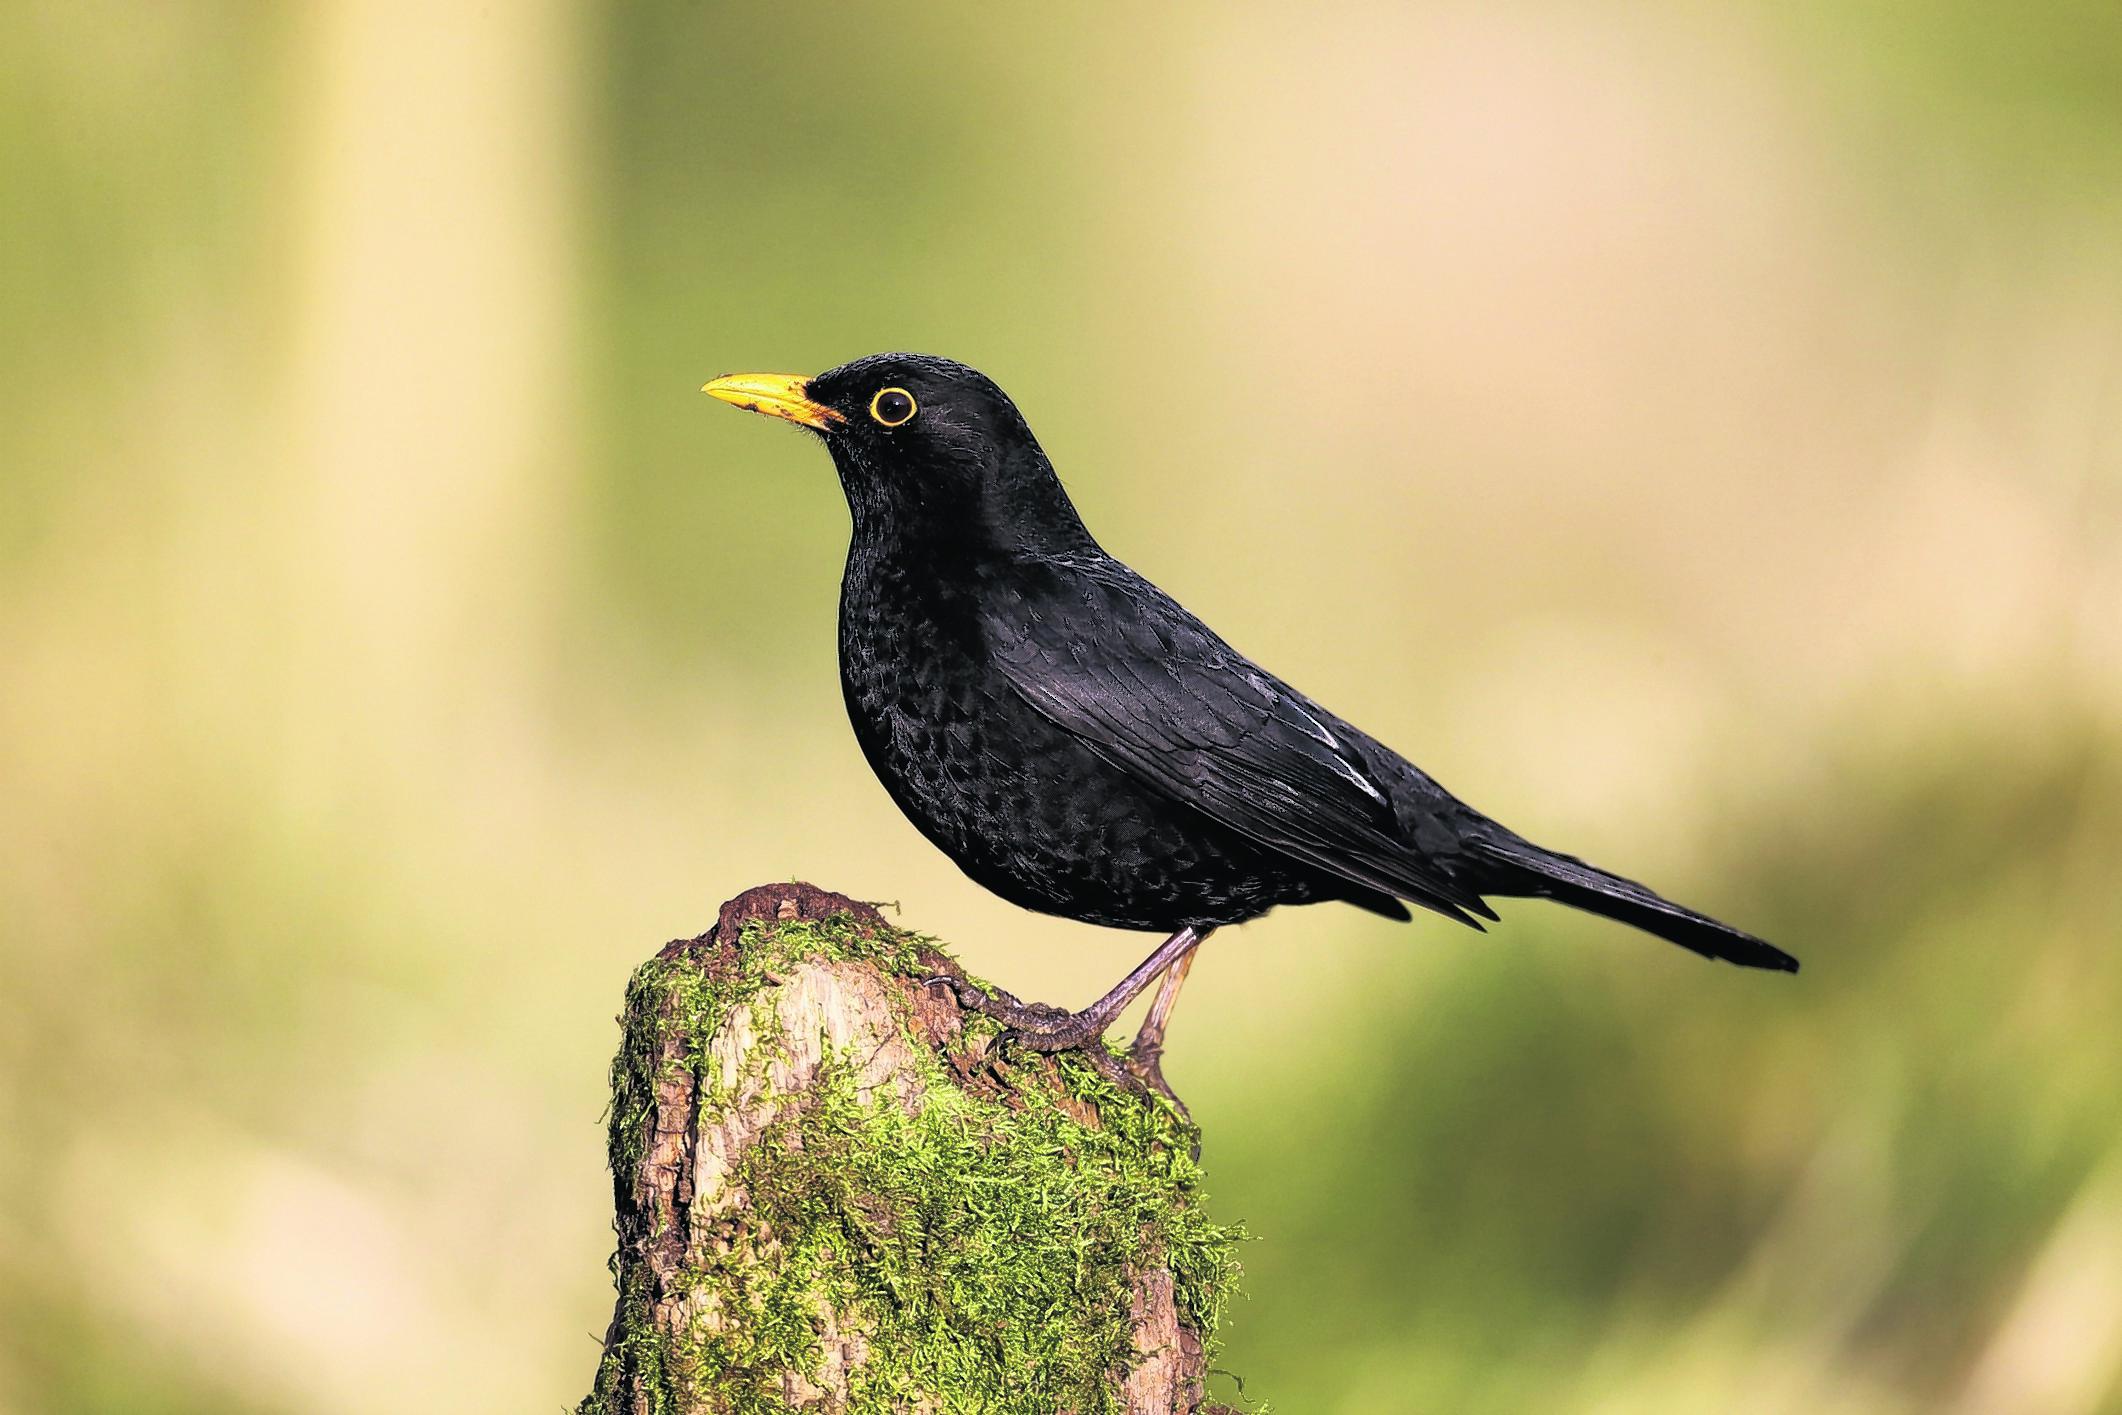 A blackbird